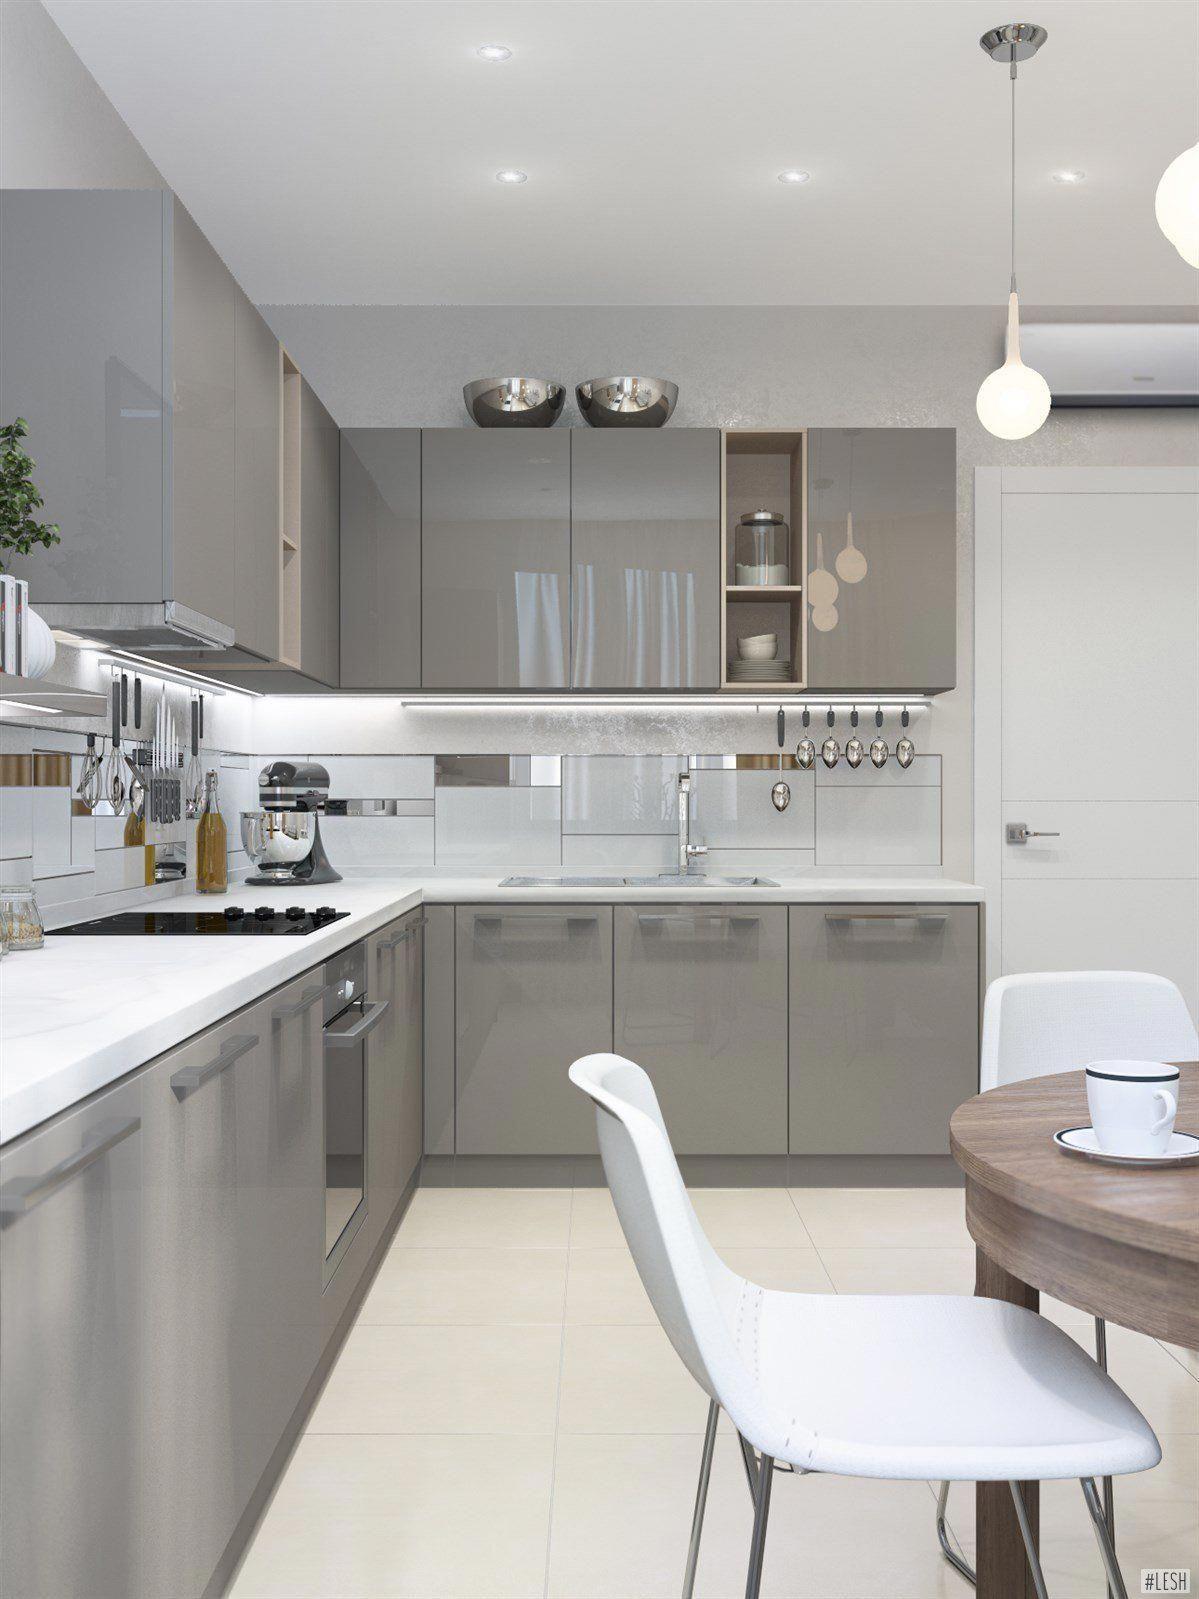 Custom Cabinet Options Let Us Modify Your Kitchen Cabinets To Produce A Area That Expresses Your Cozinhas Modernas Design De Cozinha Decoracao Cozinha Pequena